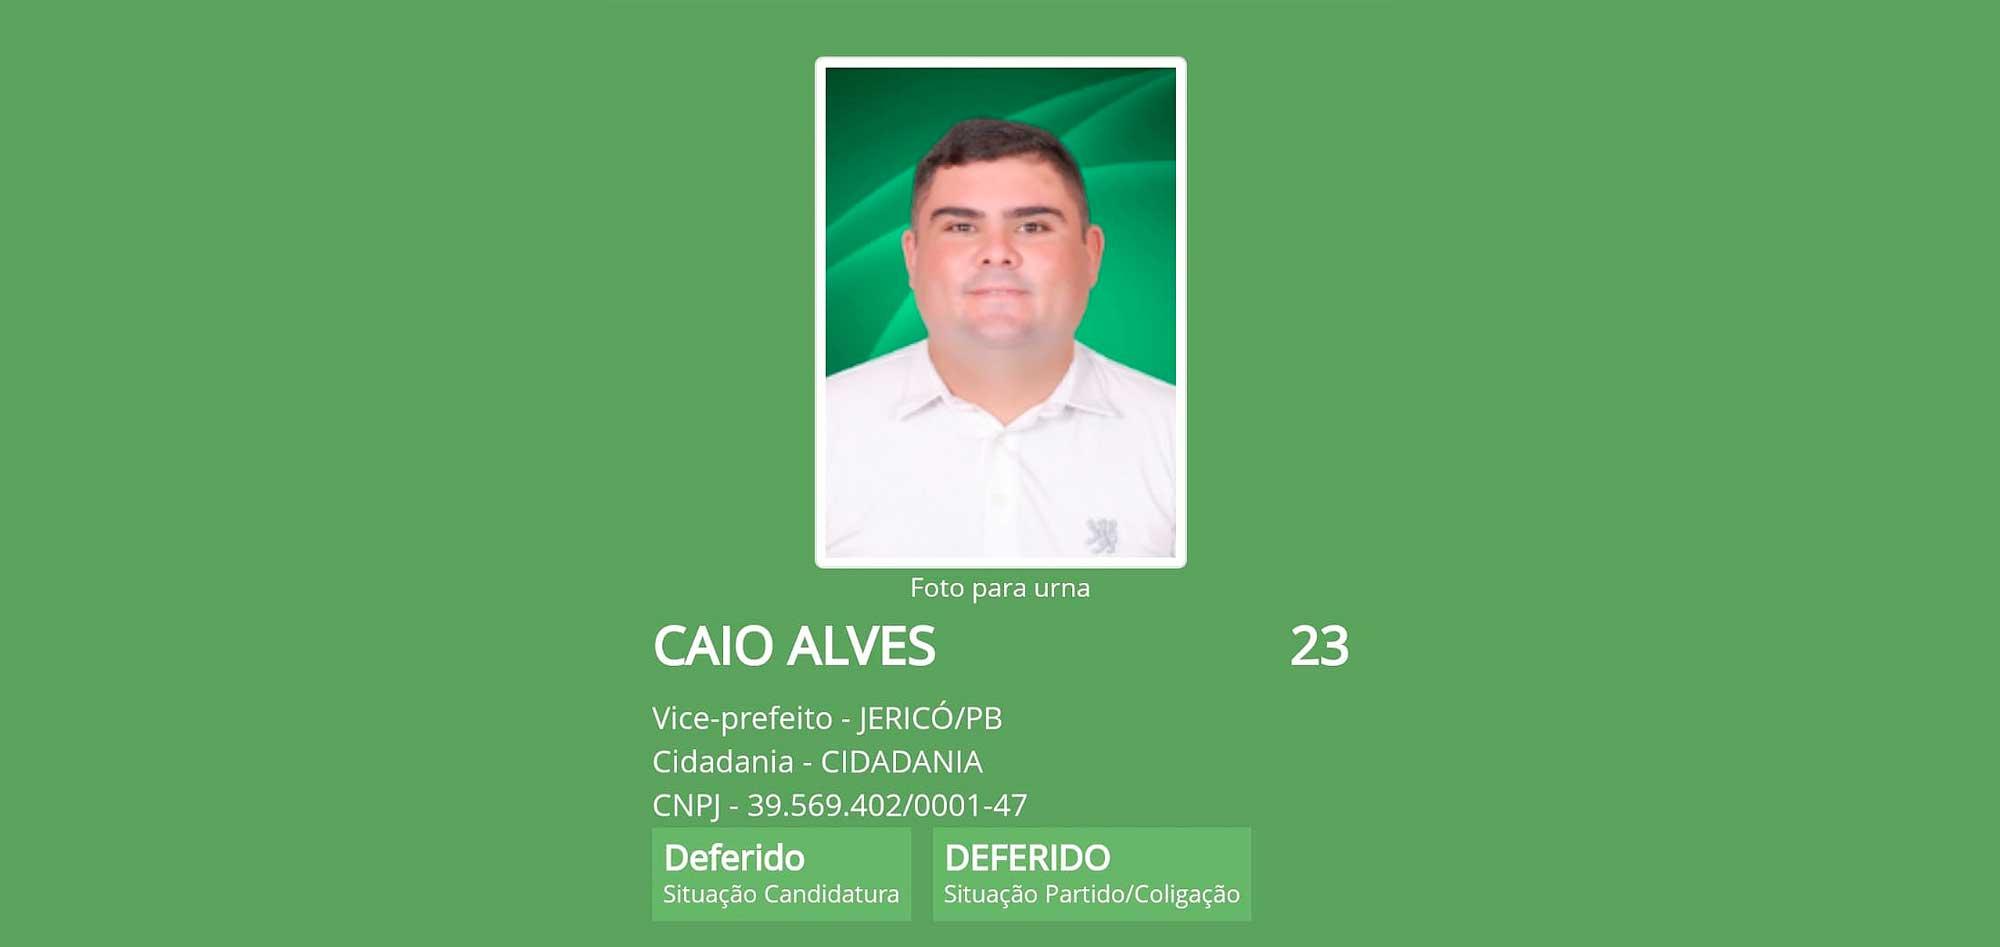 Justiça defere registro de Caio Alves, candidato a vice-prefeito de Kadson Monteiro em Jericó